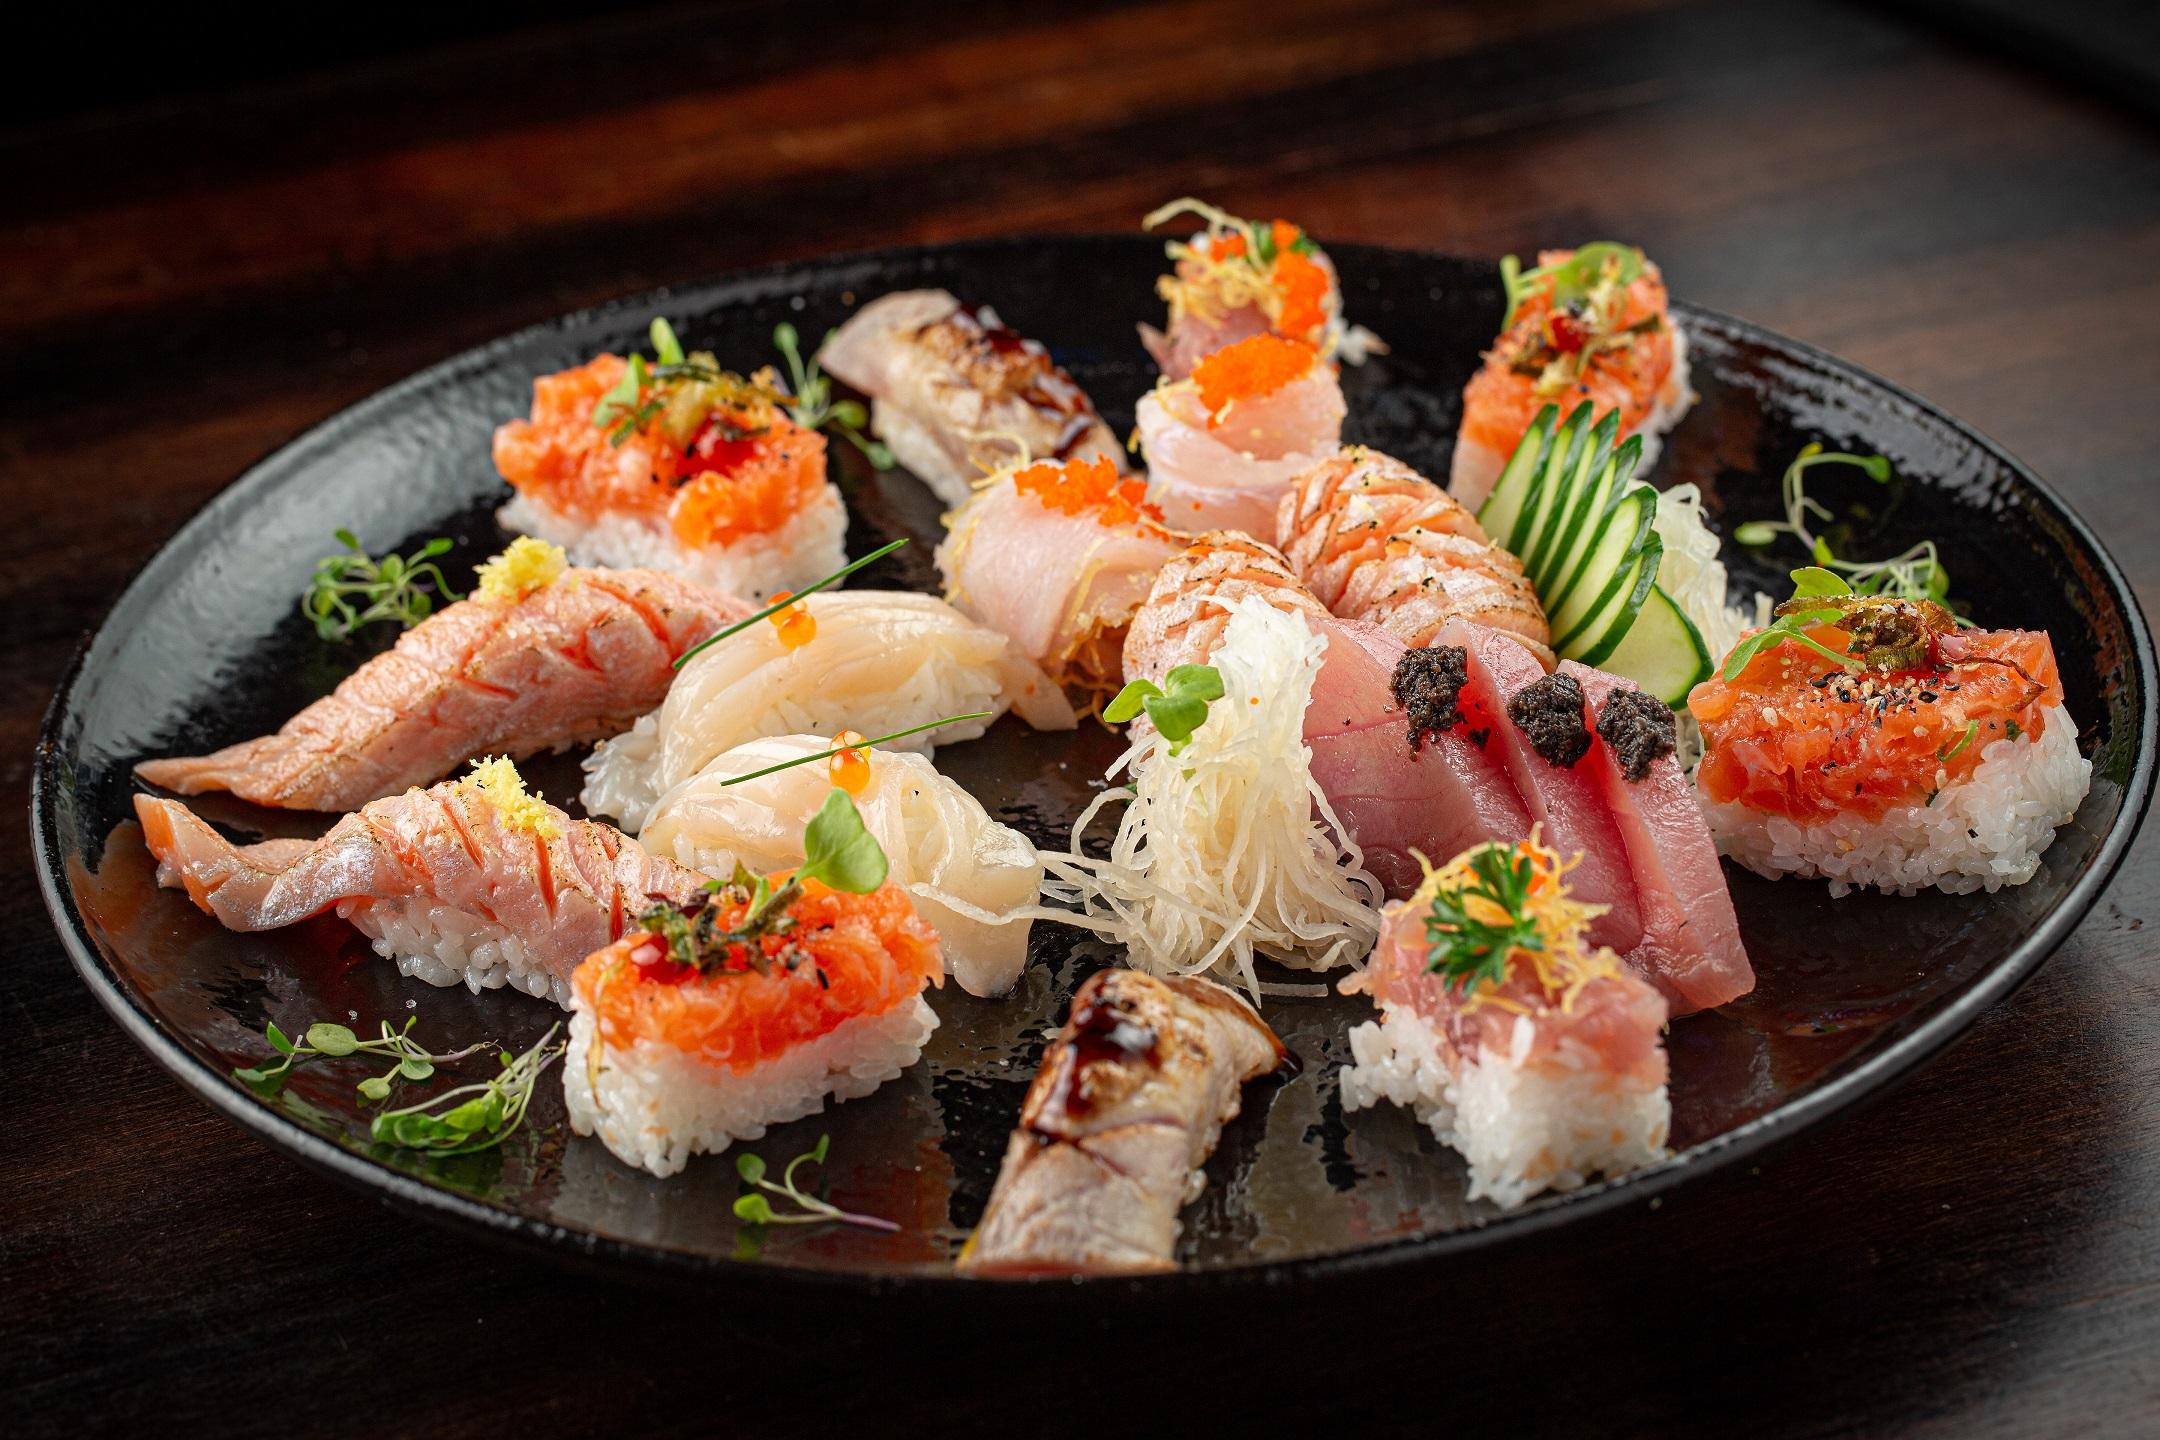 Ginger_Combinados-Sushi-e-Sashimi-Ni-Ju-Omakase_Credito-Felipe-Azevedo